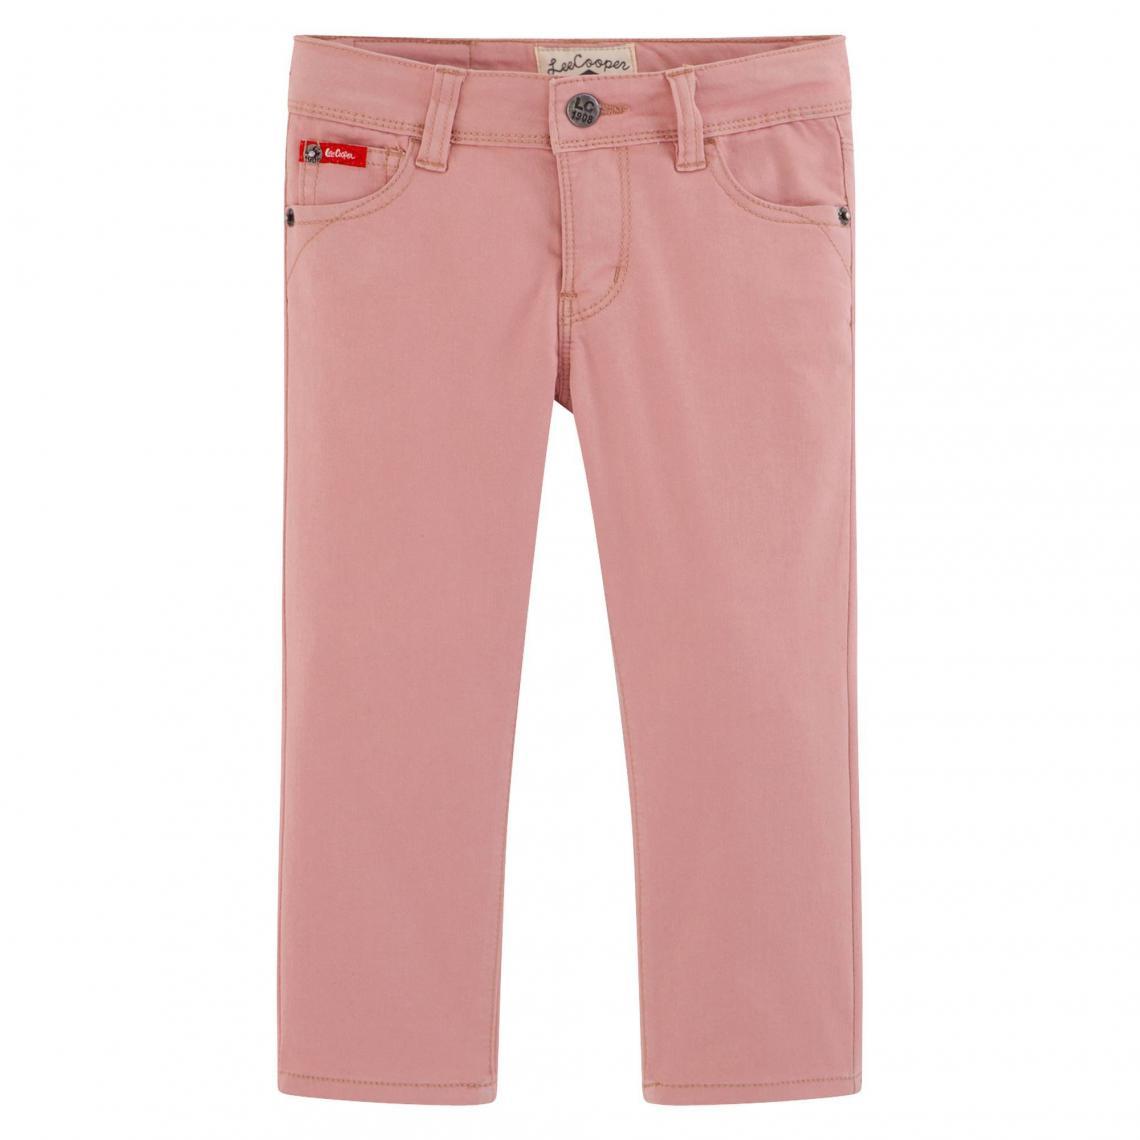 8f5f463514ff Jean slim couleur fille stretch taille ajustable Lee Cooper - Rose Lee  Enfant